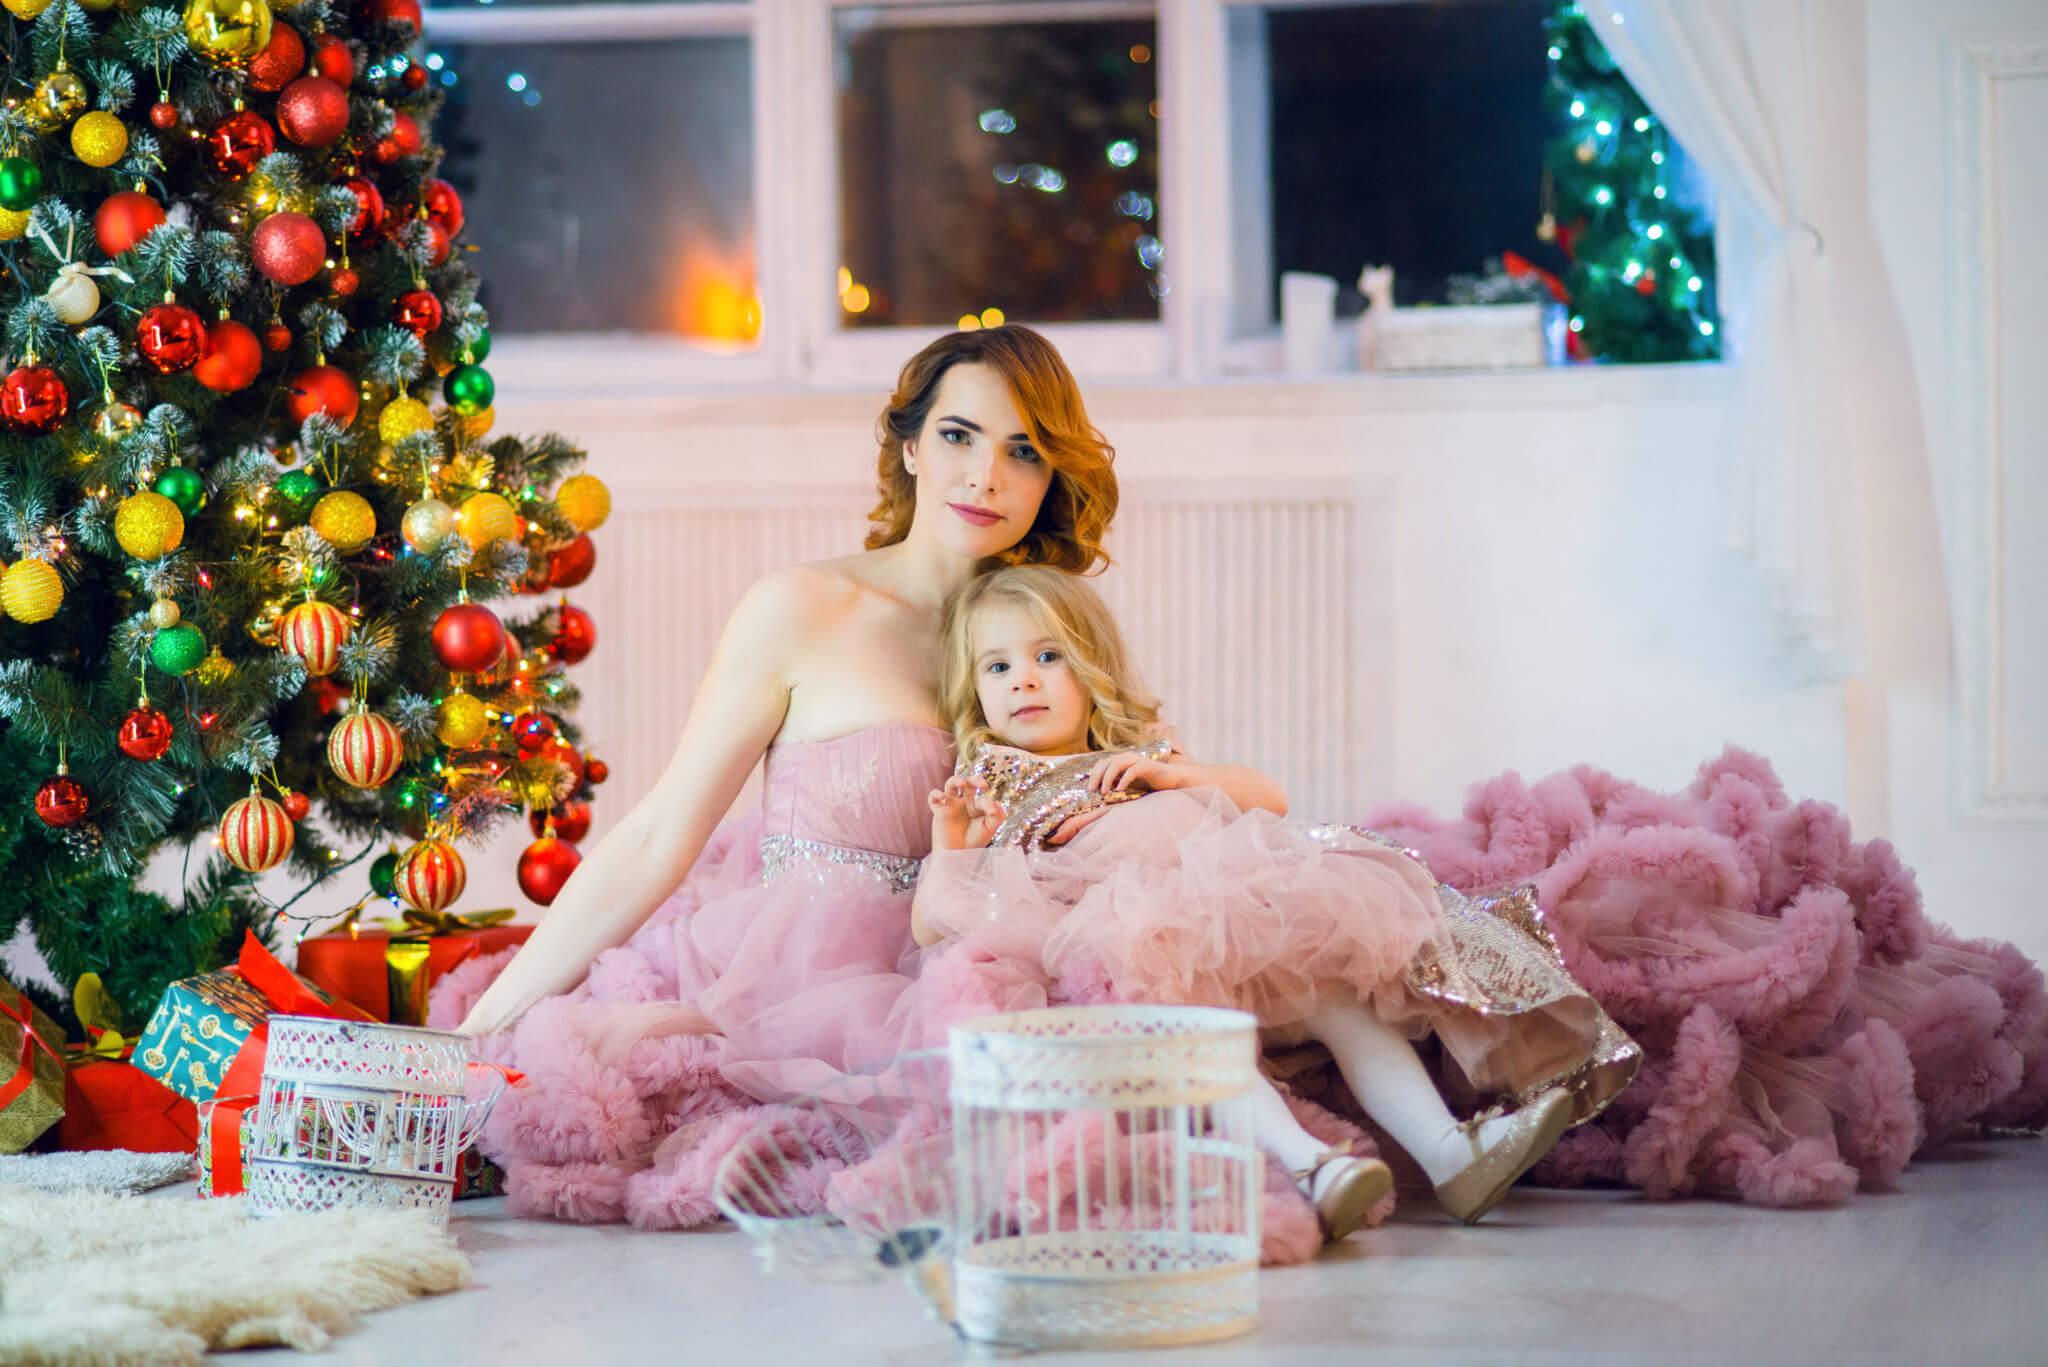 Новогодняя фотосессия, мать и дочь в пышных розовых платьях на фоне новогодней елки